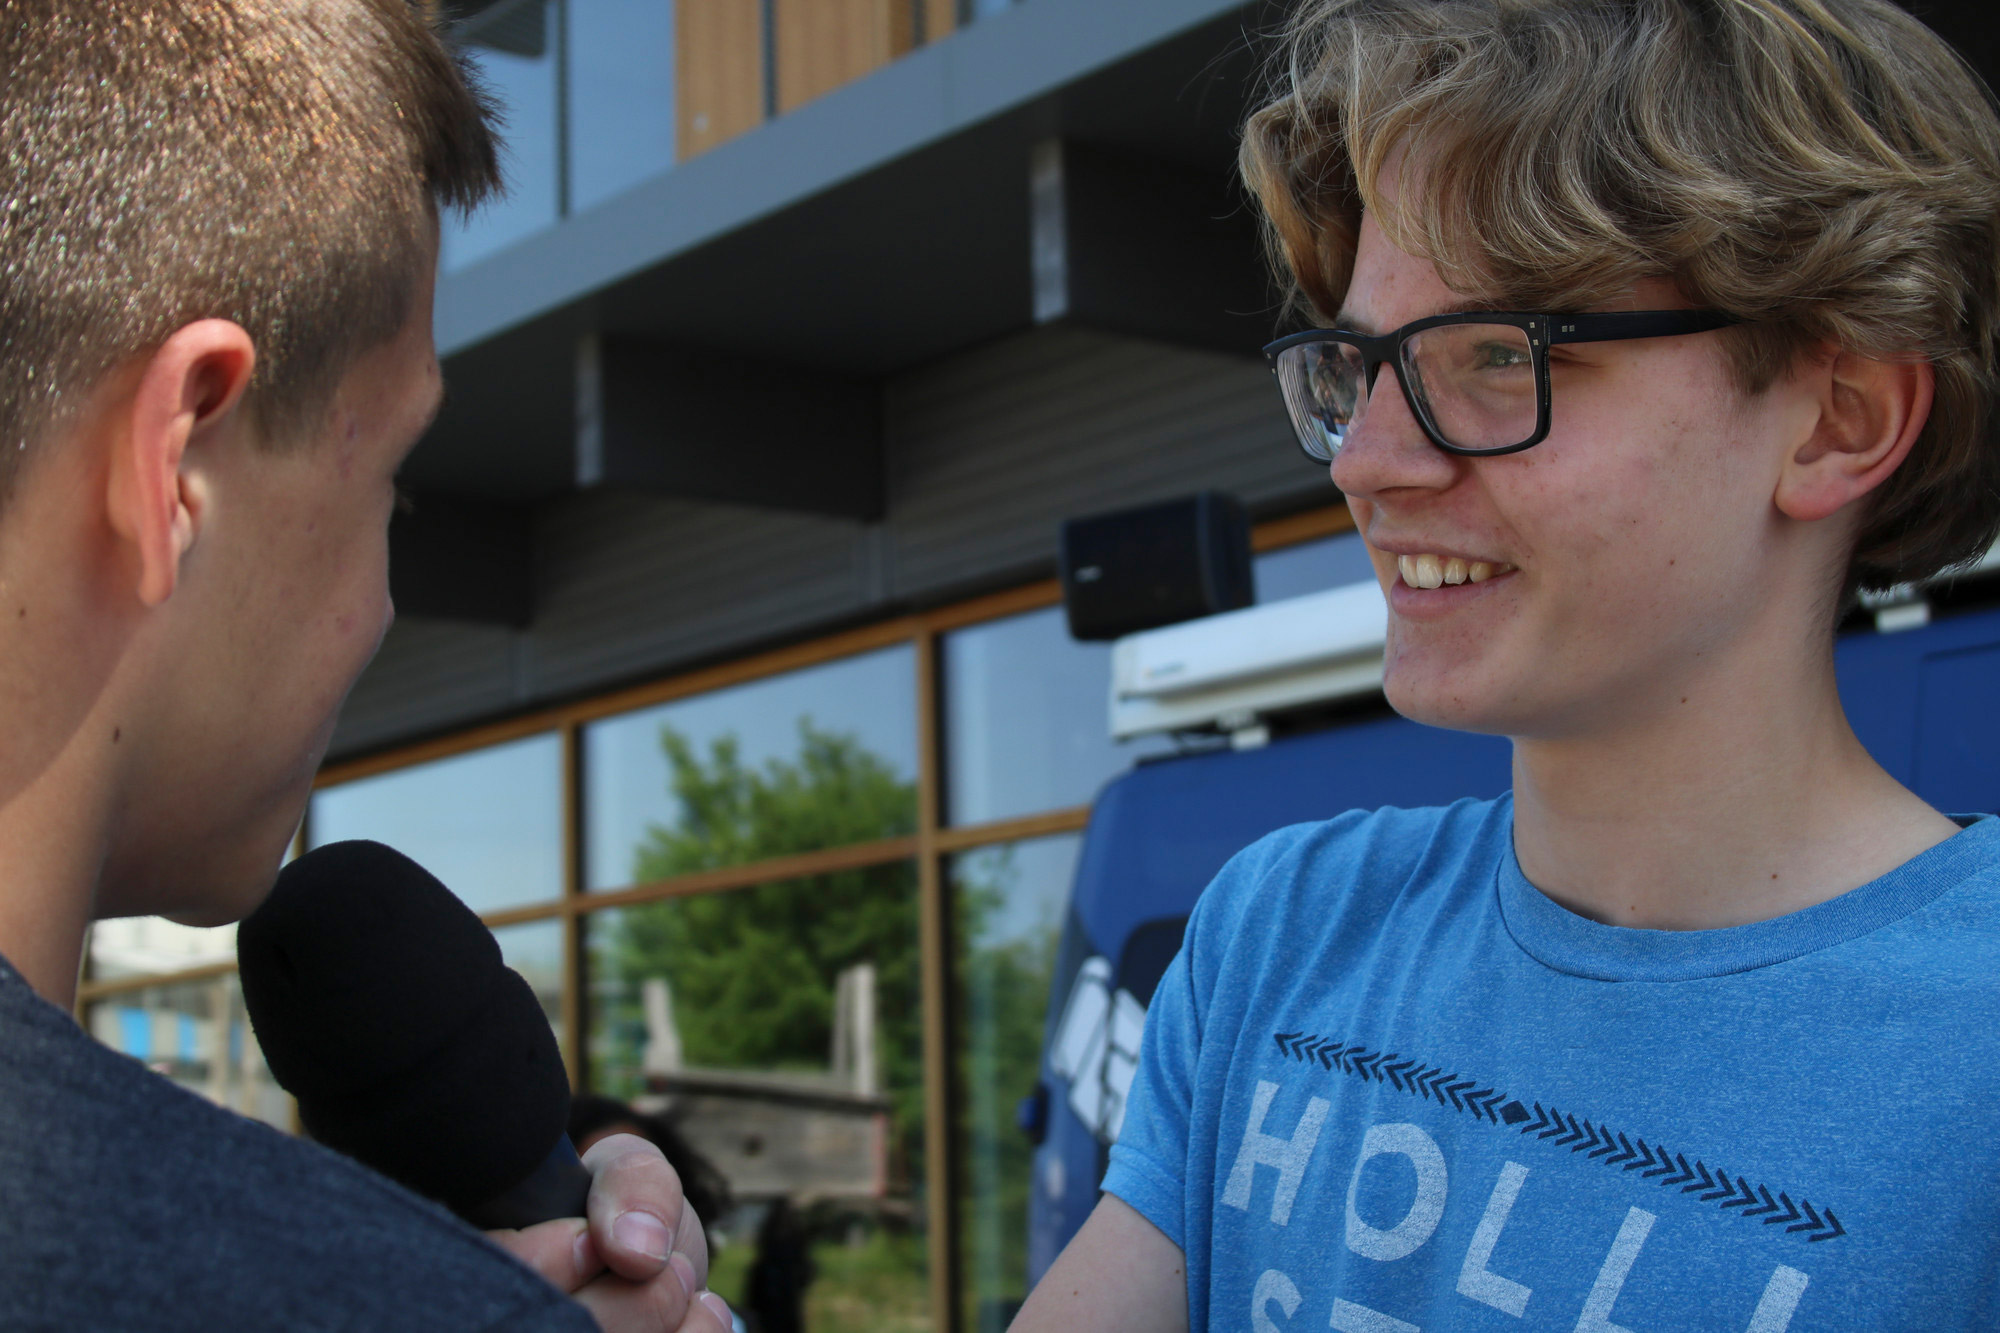 lets_talk_about_gender_-_jugendlicher_interviewt_gspaenli_fuer_eine_radiosendung